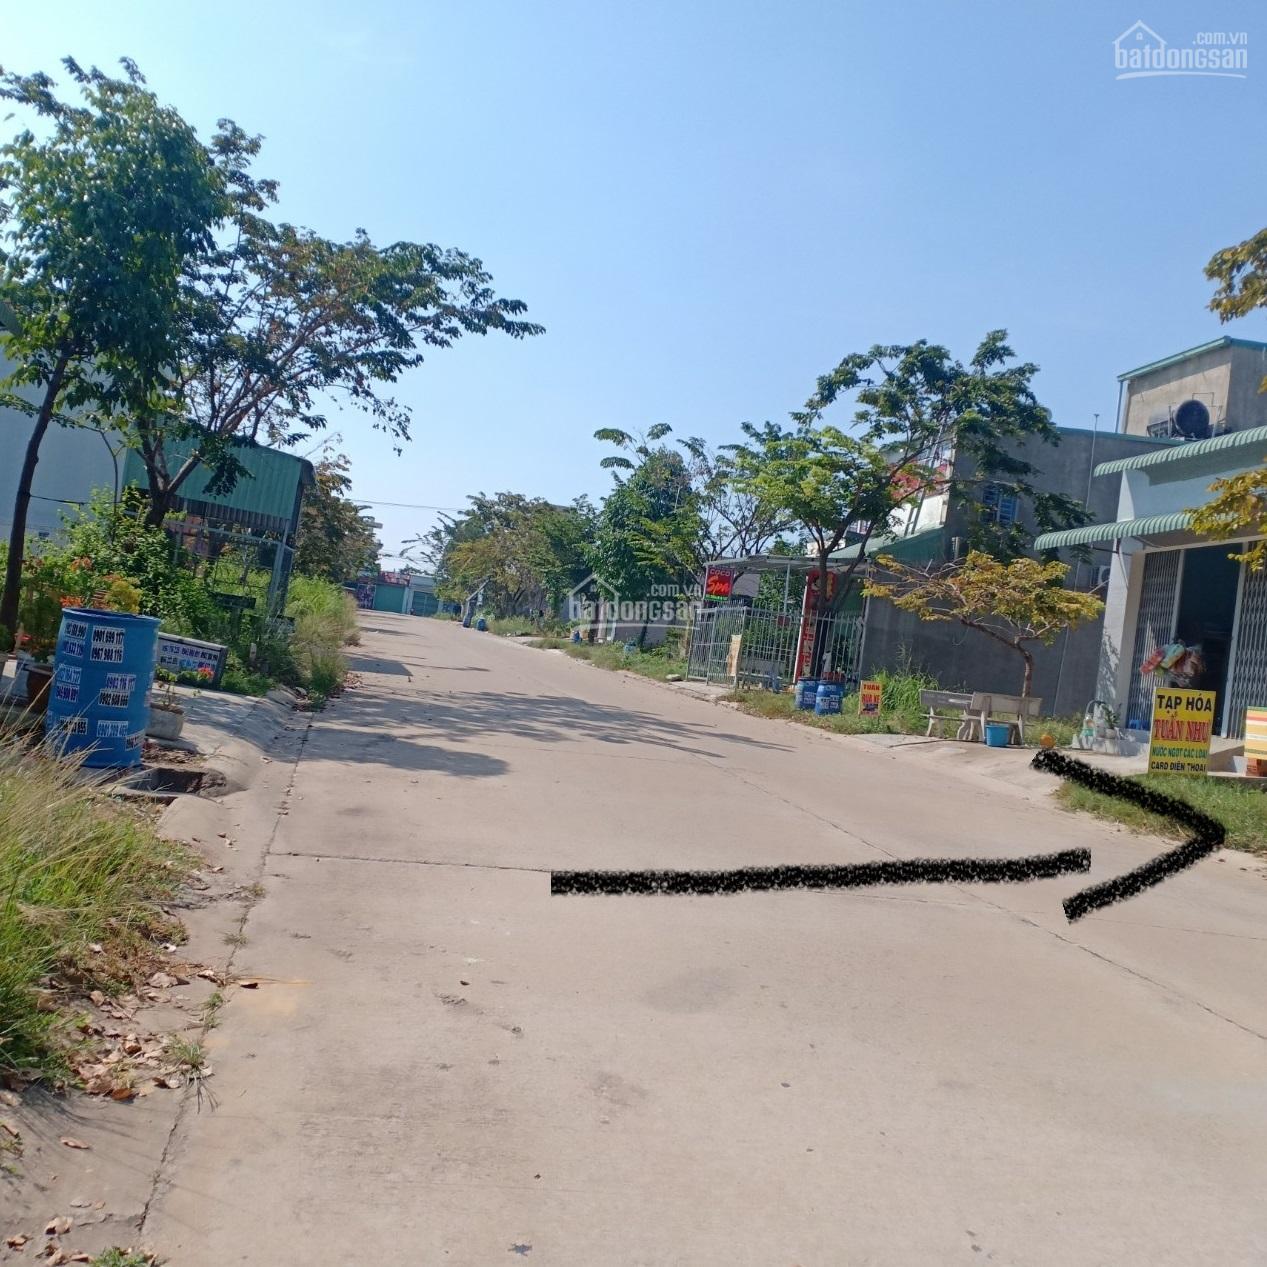 Cần bán căn nhà 1T + 1L, 150m2 đất, đường ô tô 16m, dân đông đúc, gần trường cấp 2, LH 0975352430